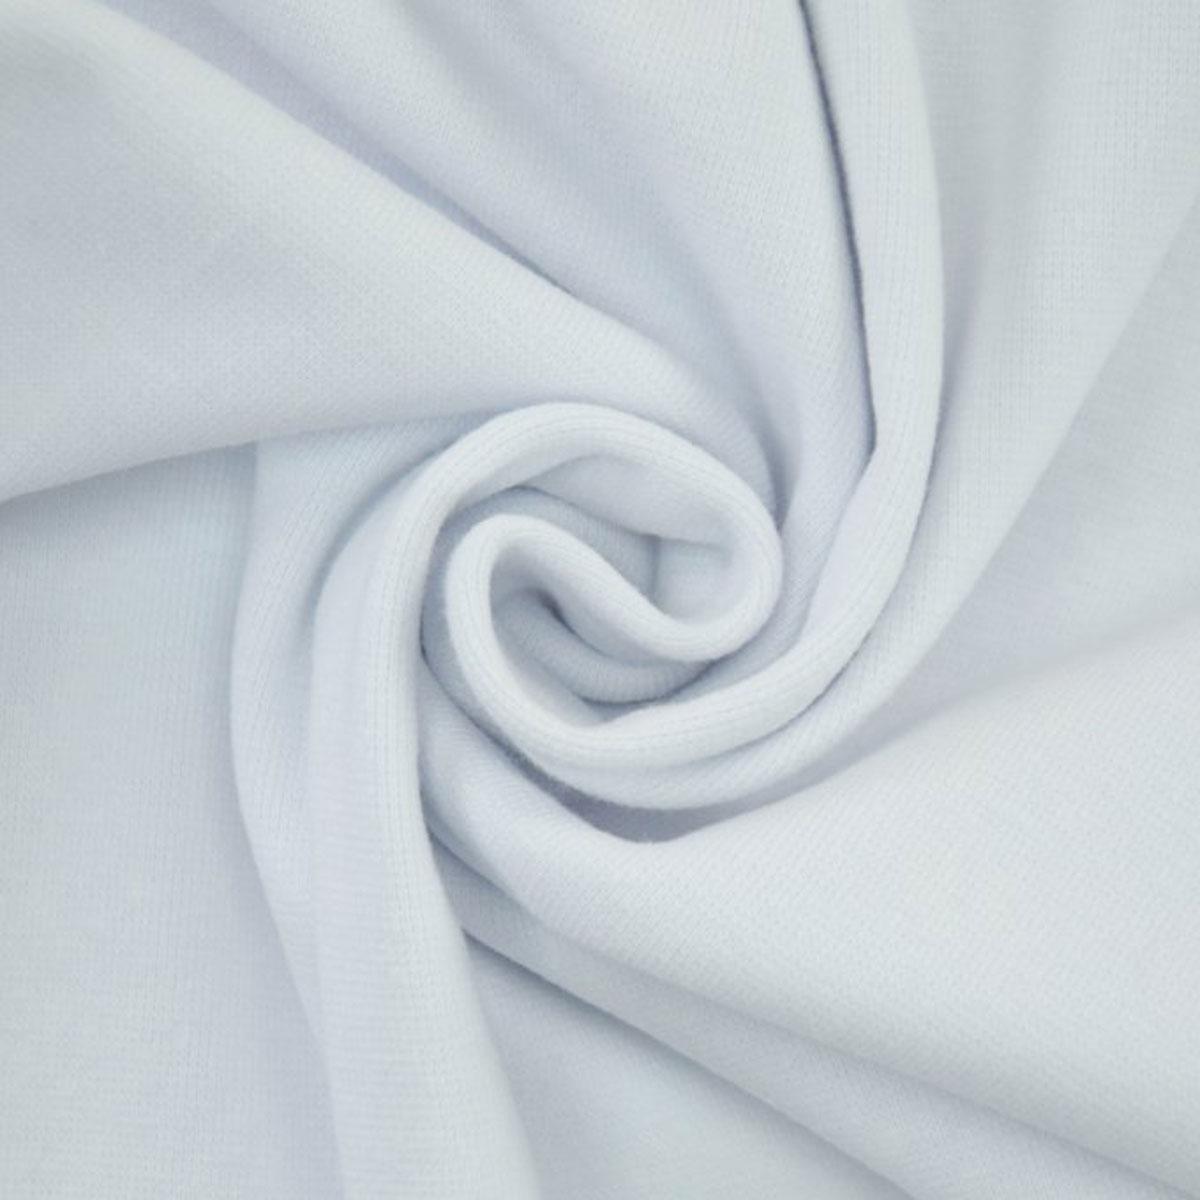 50cm Bündchen / Schlauchware glatt weiß 5003